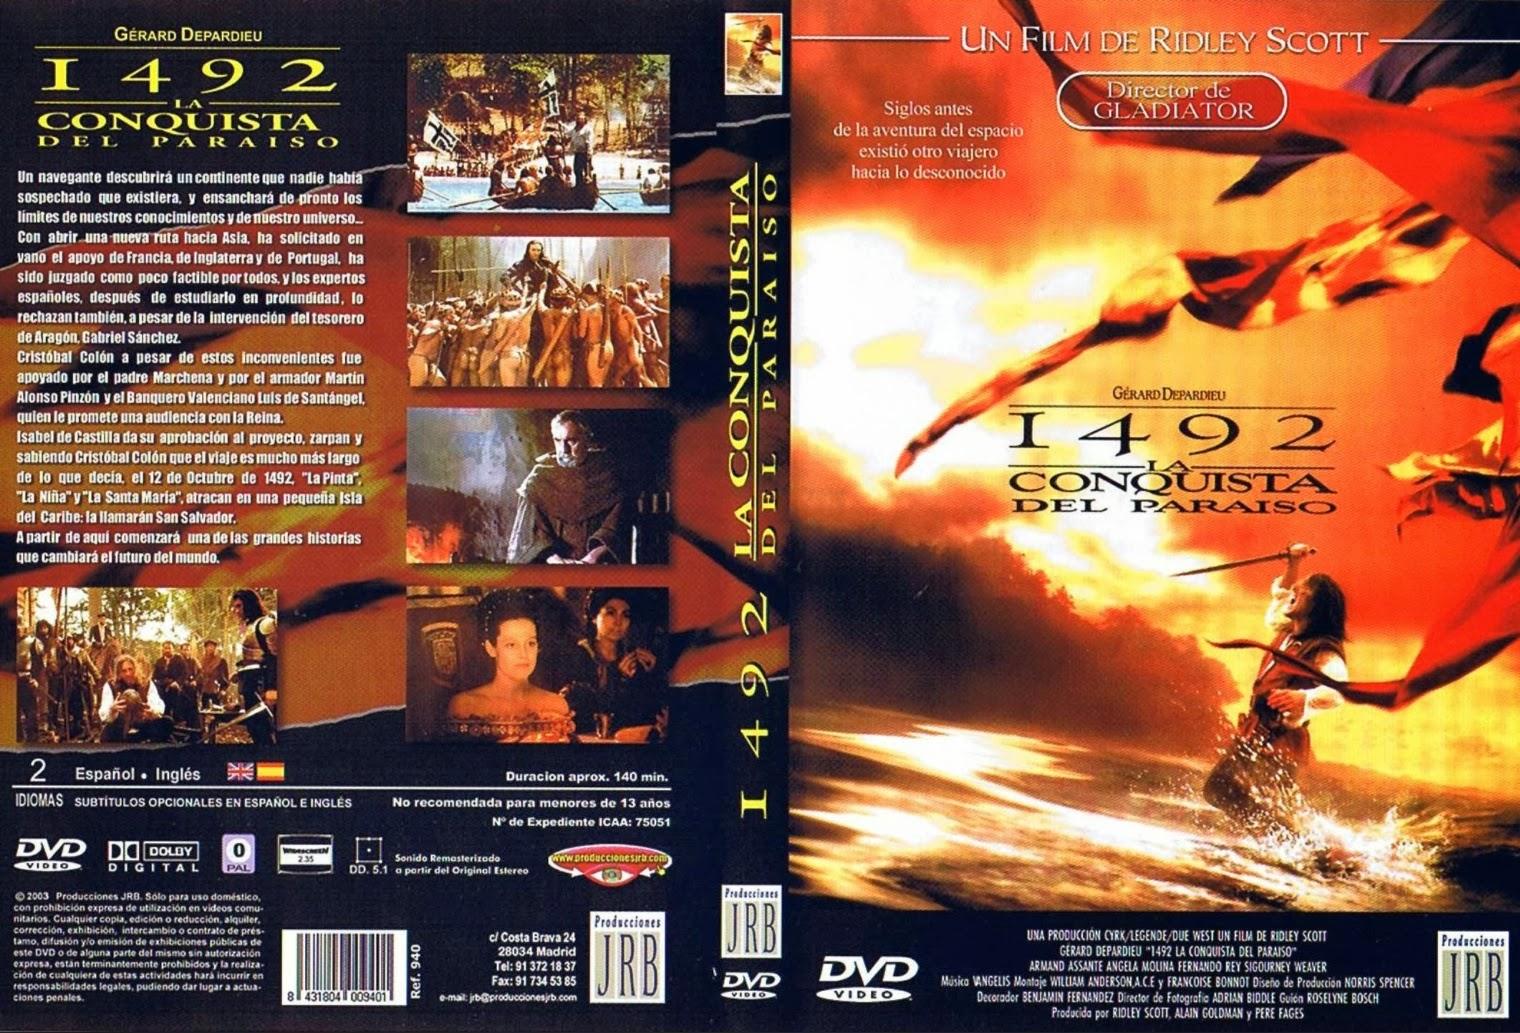 CONQUISTA A DO PARAISO FILME LEGENDADO 1492 BAIXAR